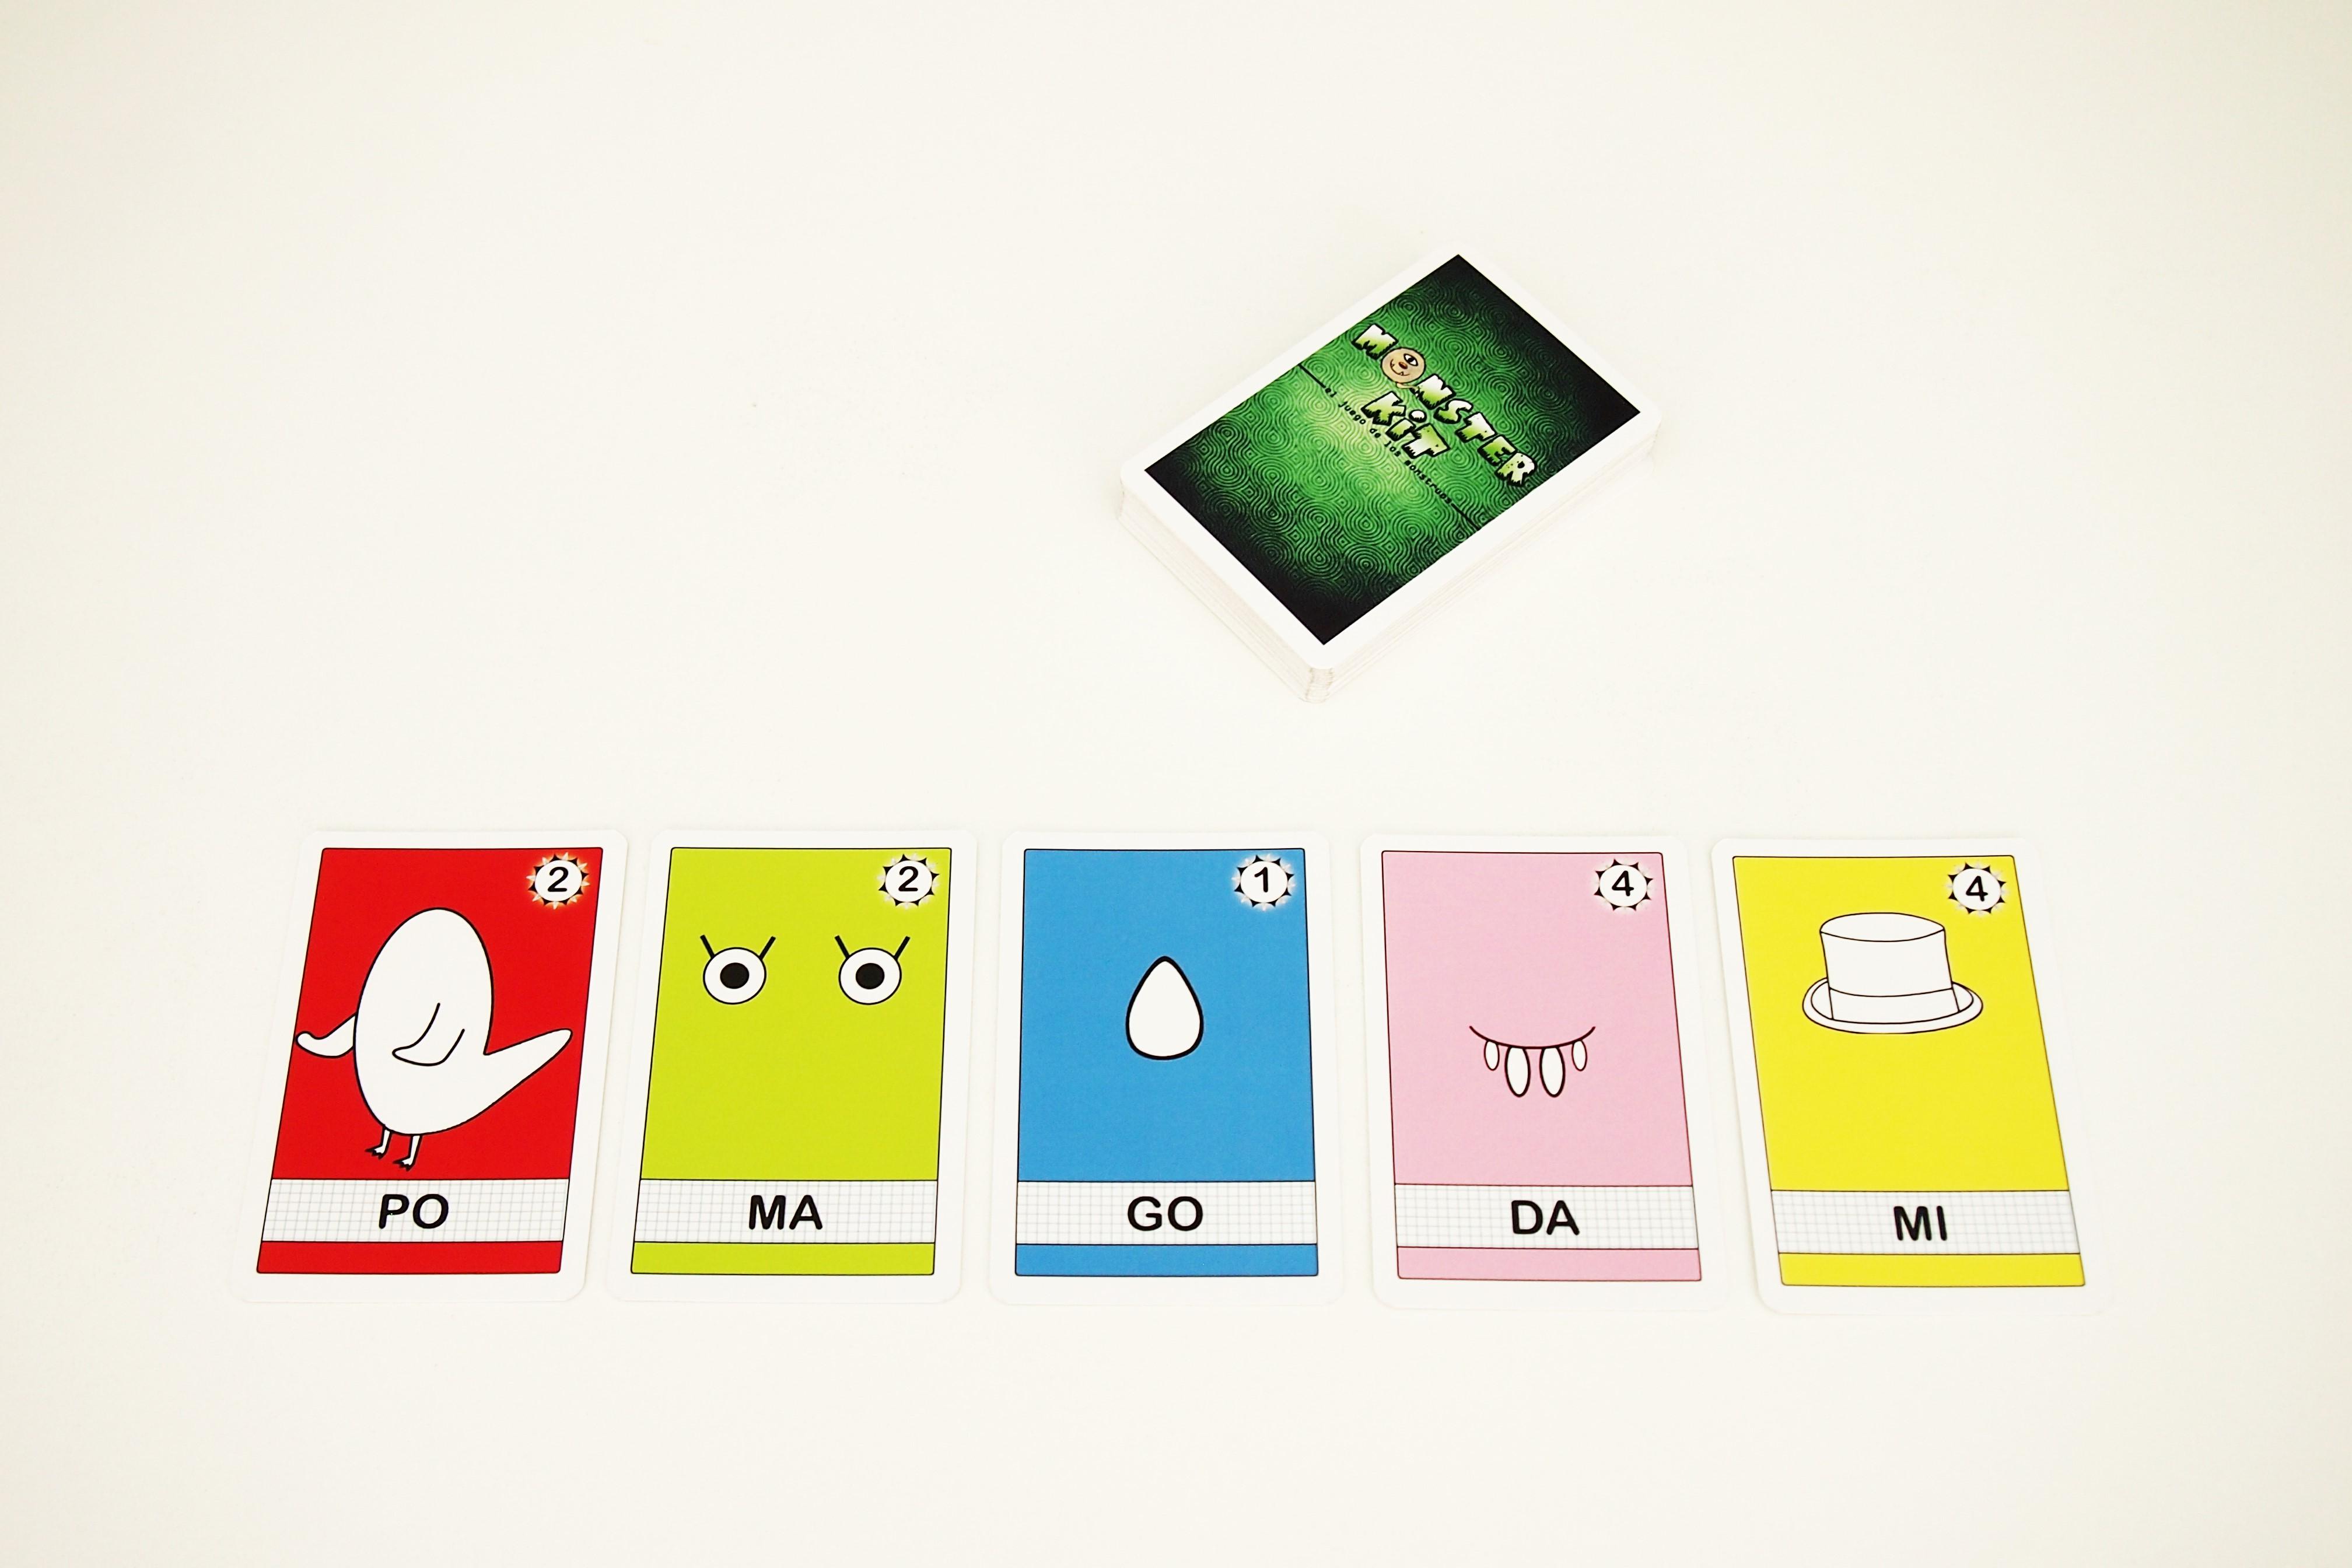 Juegos de cartas 21 guía de juego-470372